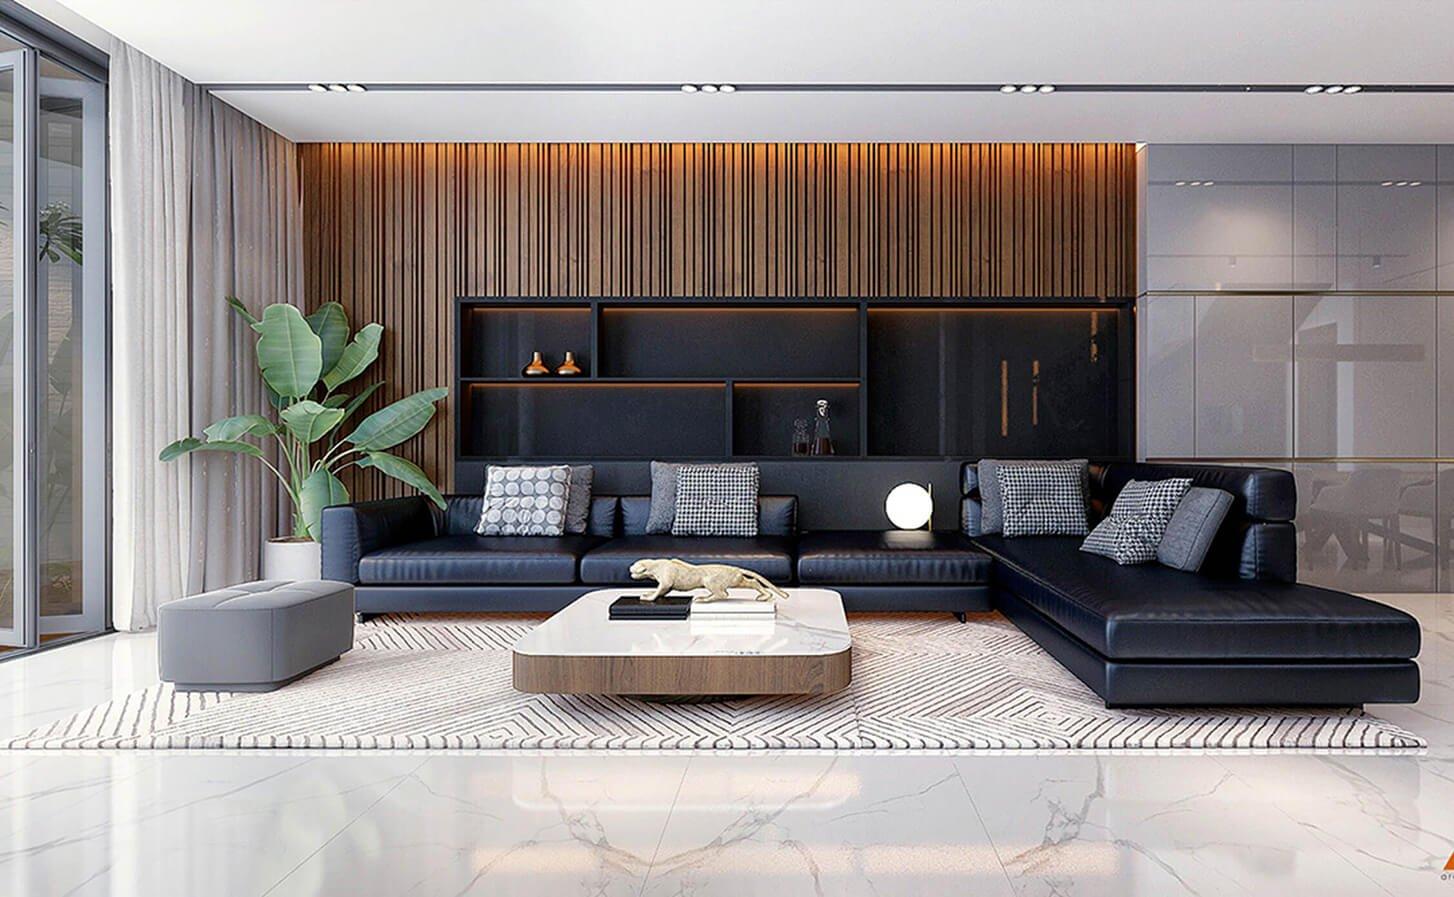 biệt thự 4 tầng hiện đại 7x15m phòng khách